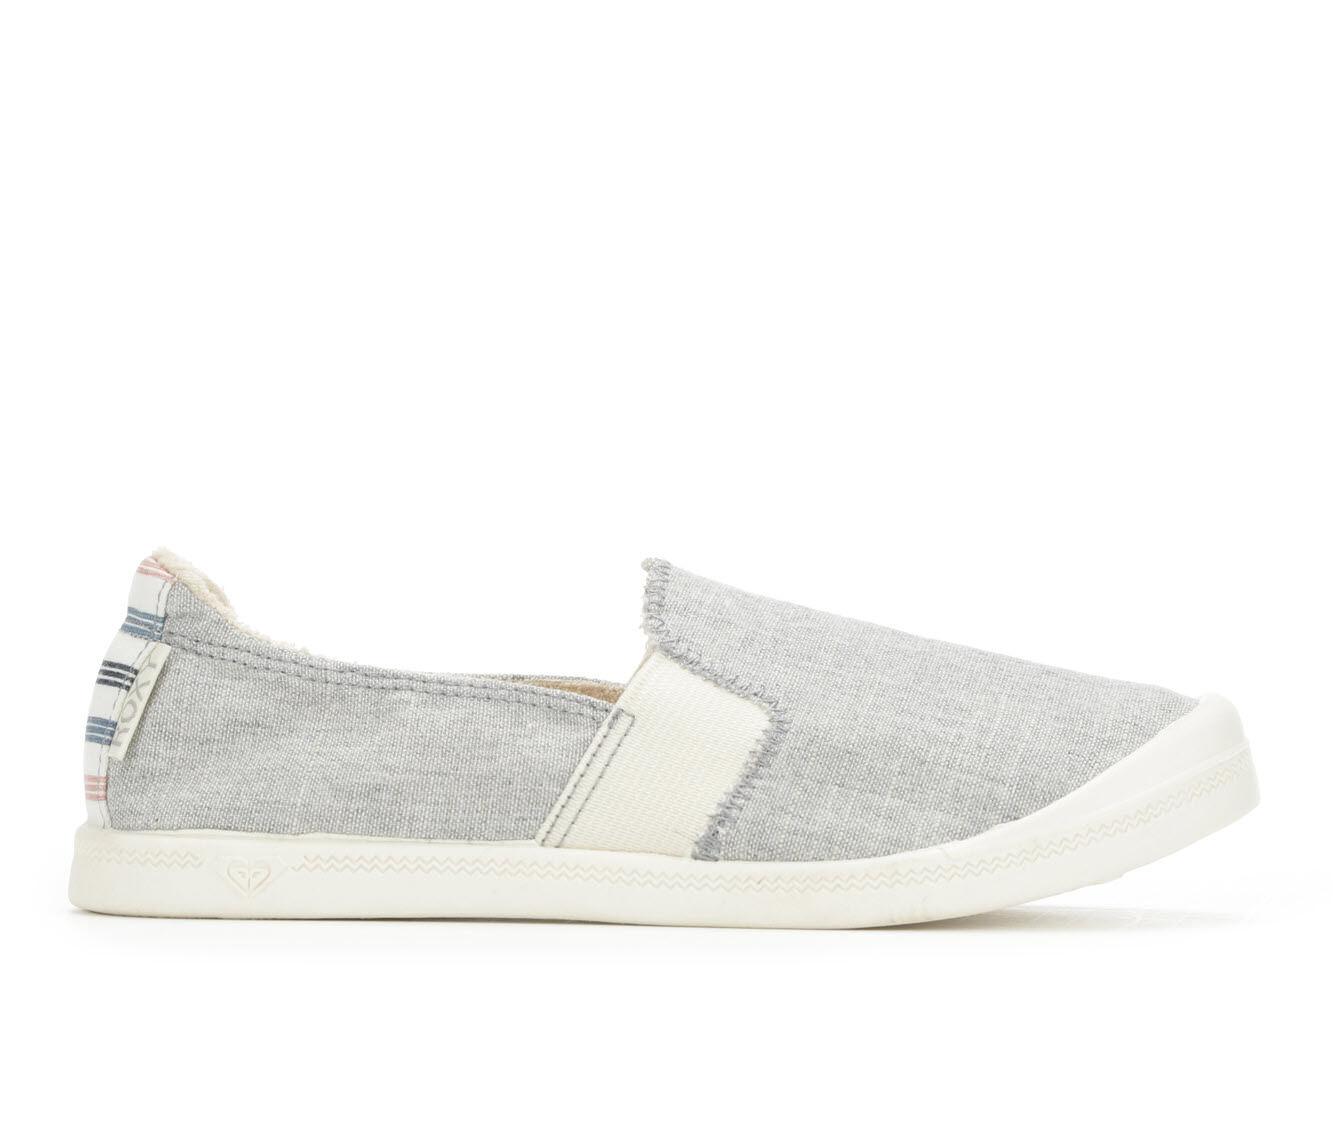 Women's Roxy Palisades Slip-On Sneakers Grey